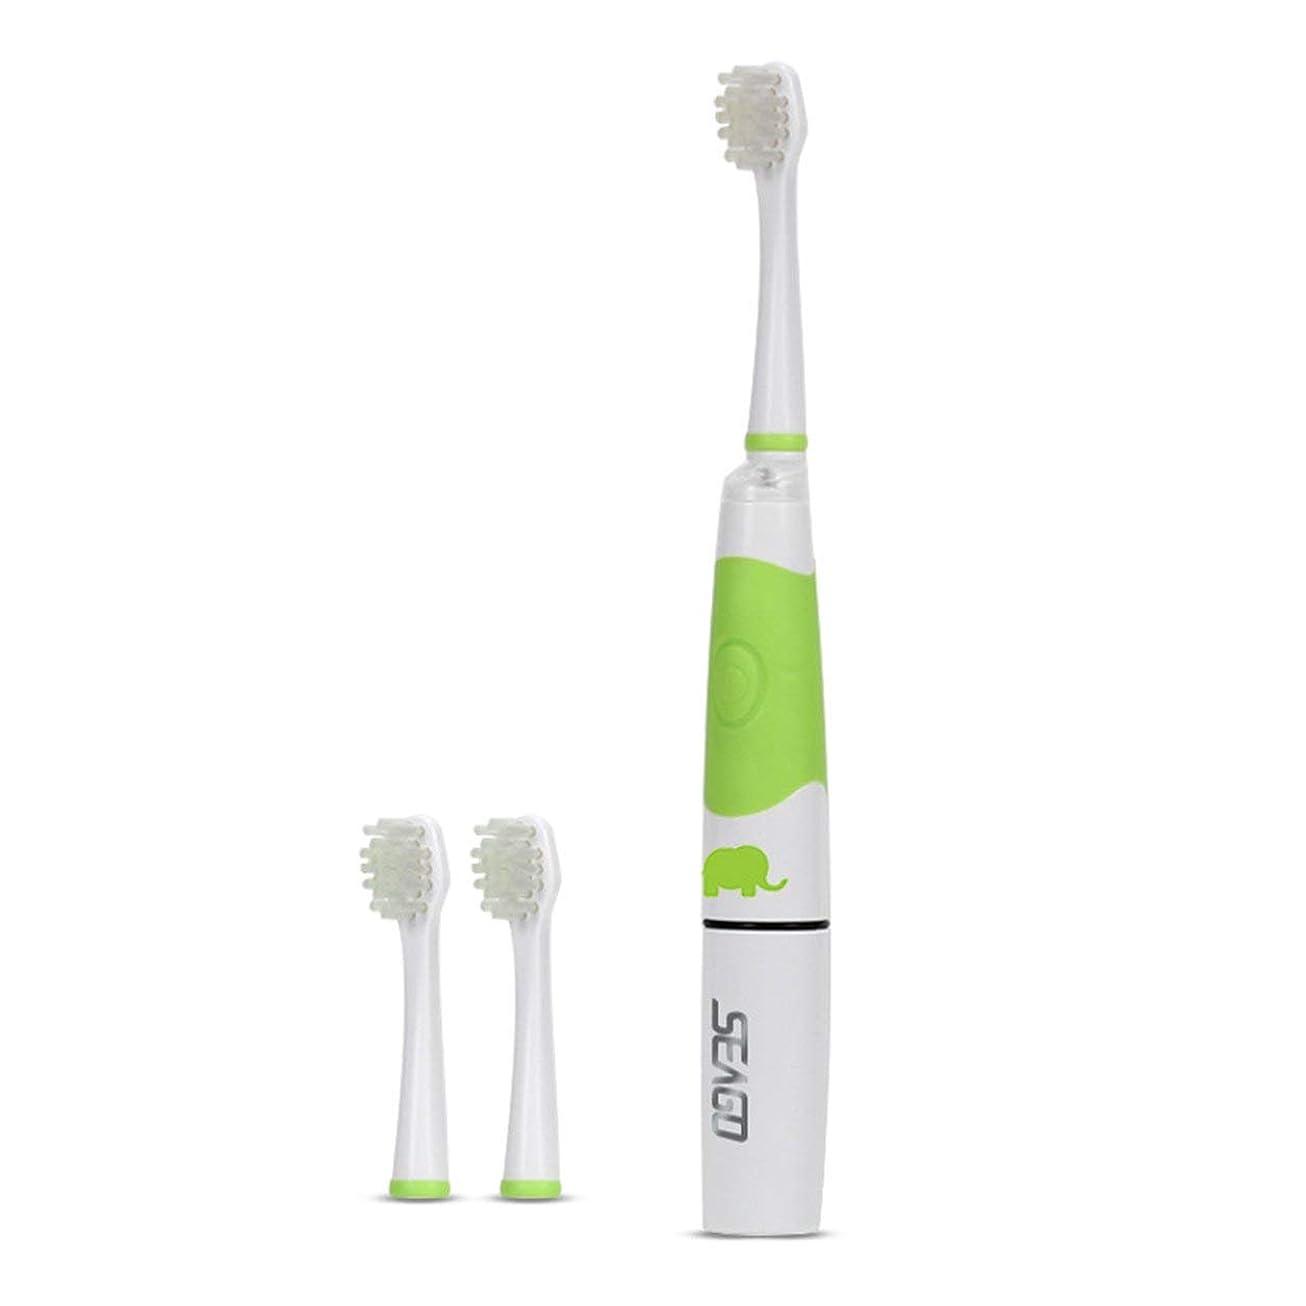 ガードマーガレットミッチェル認めるSaikogoods 電動歯ブラシ 3ブラシヘッドインテリジェントLEDライトオーラルケアデンタルソニック歯ブラシでSeago SG-618子供の電動歯ブラシ 緑